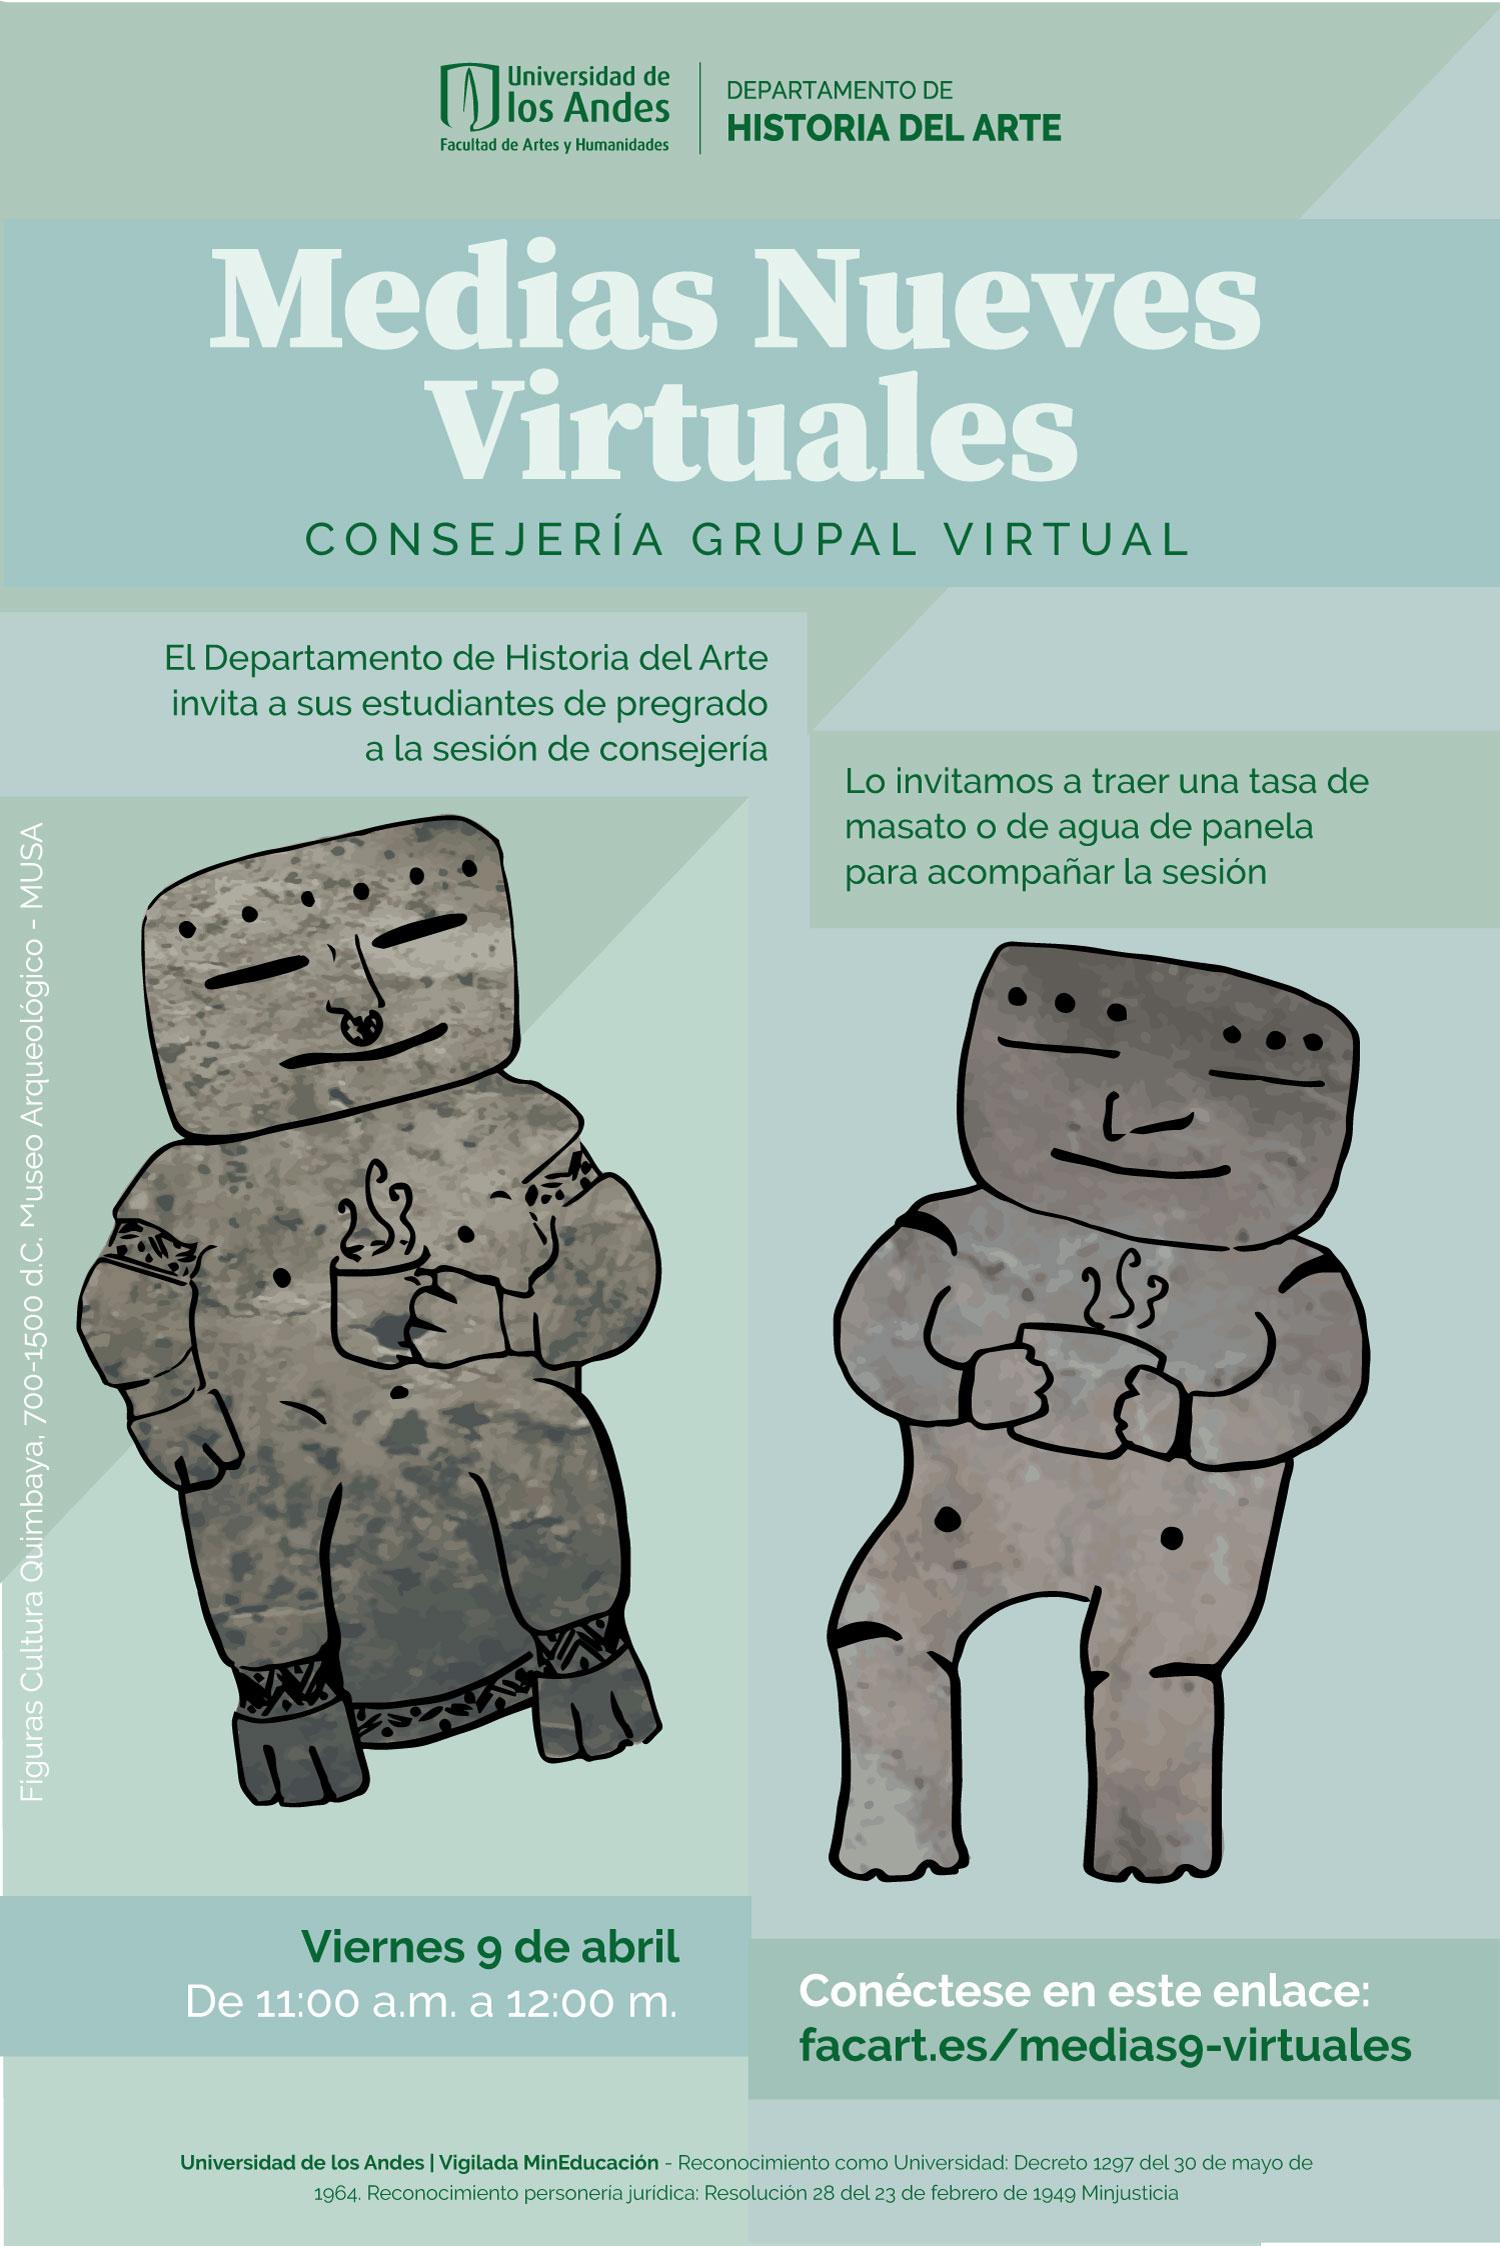 Medias nueves virtuales